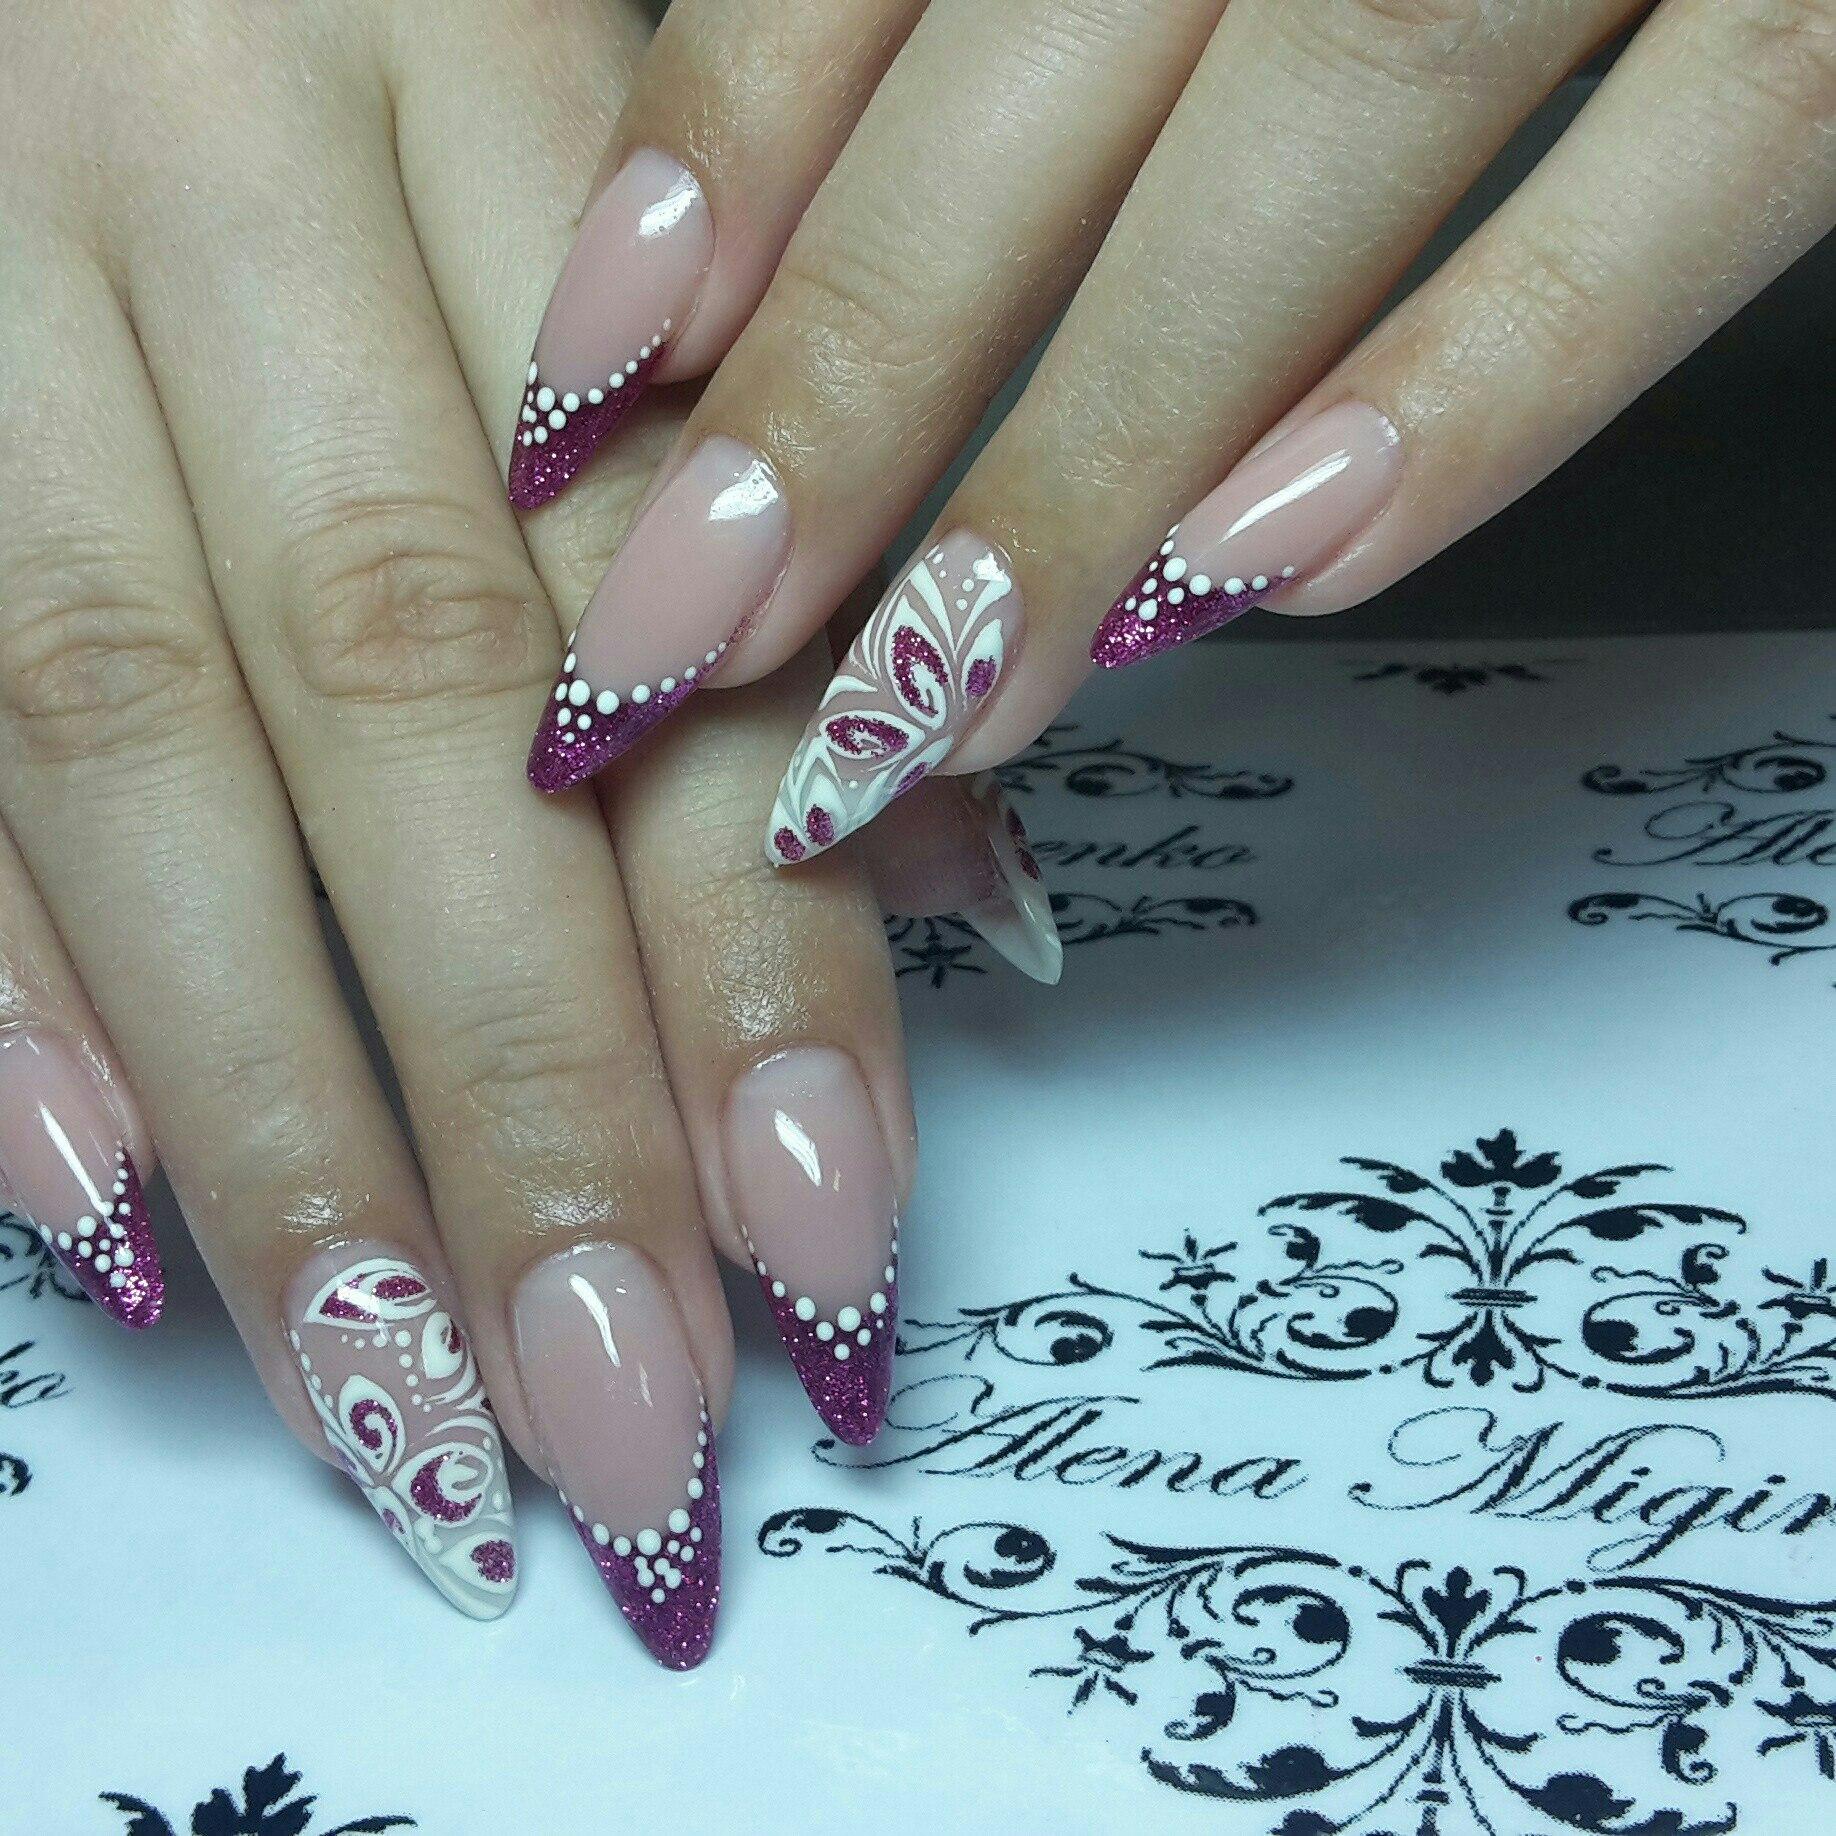 Трендовой формой ногтей будет: миндалевидная, овальный квадрат, длинная форма ногтя и овал.